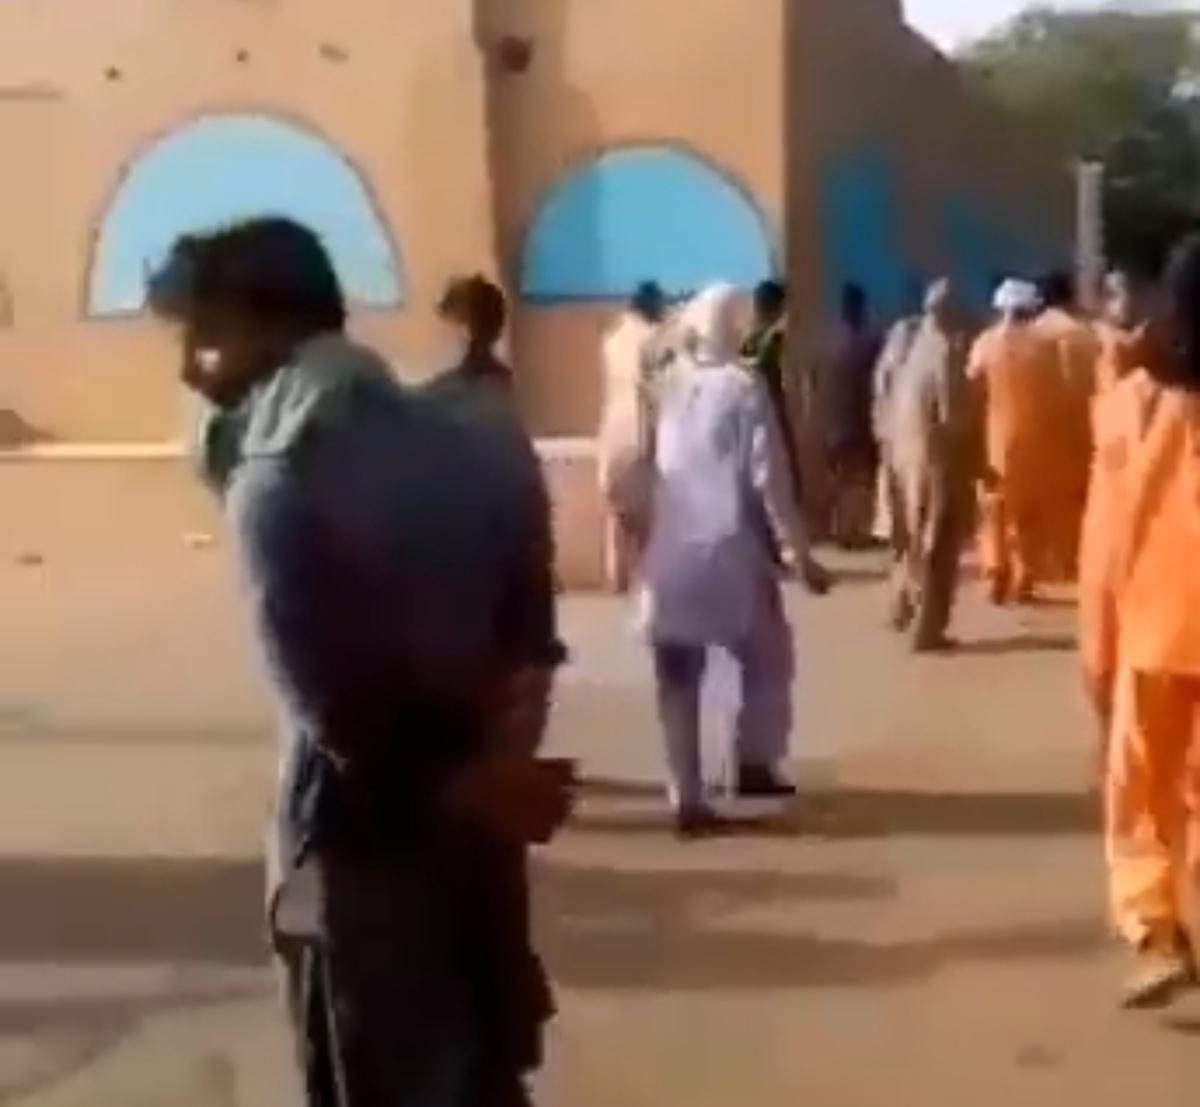 تجمع اعتراضی پاکبانان شهرداری چابهار به دلیل عدم پرداخت مطالبات مزدیشان + ویدئو